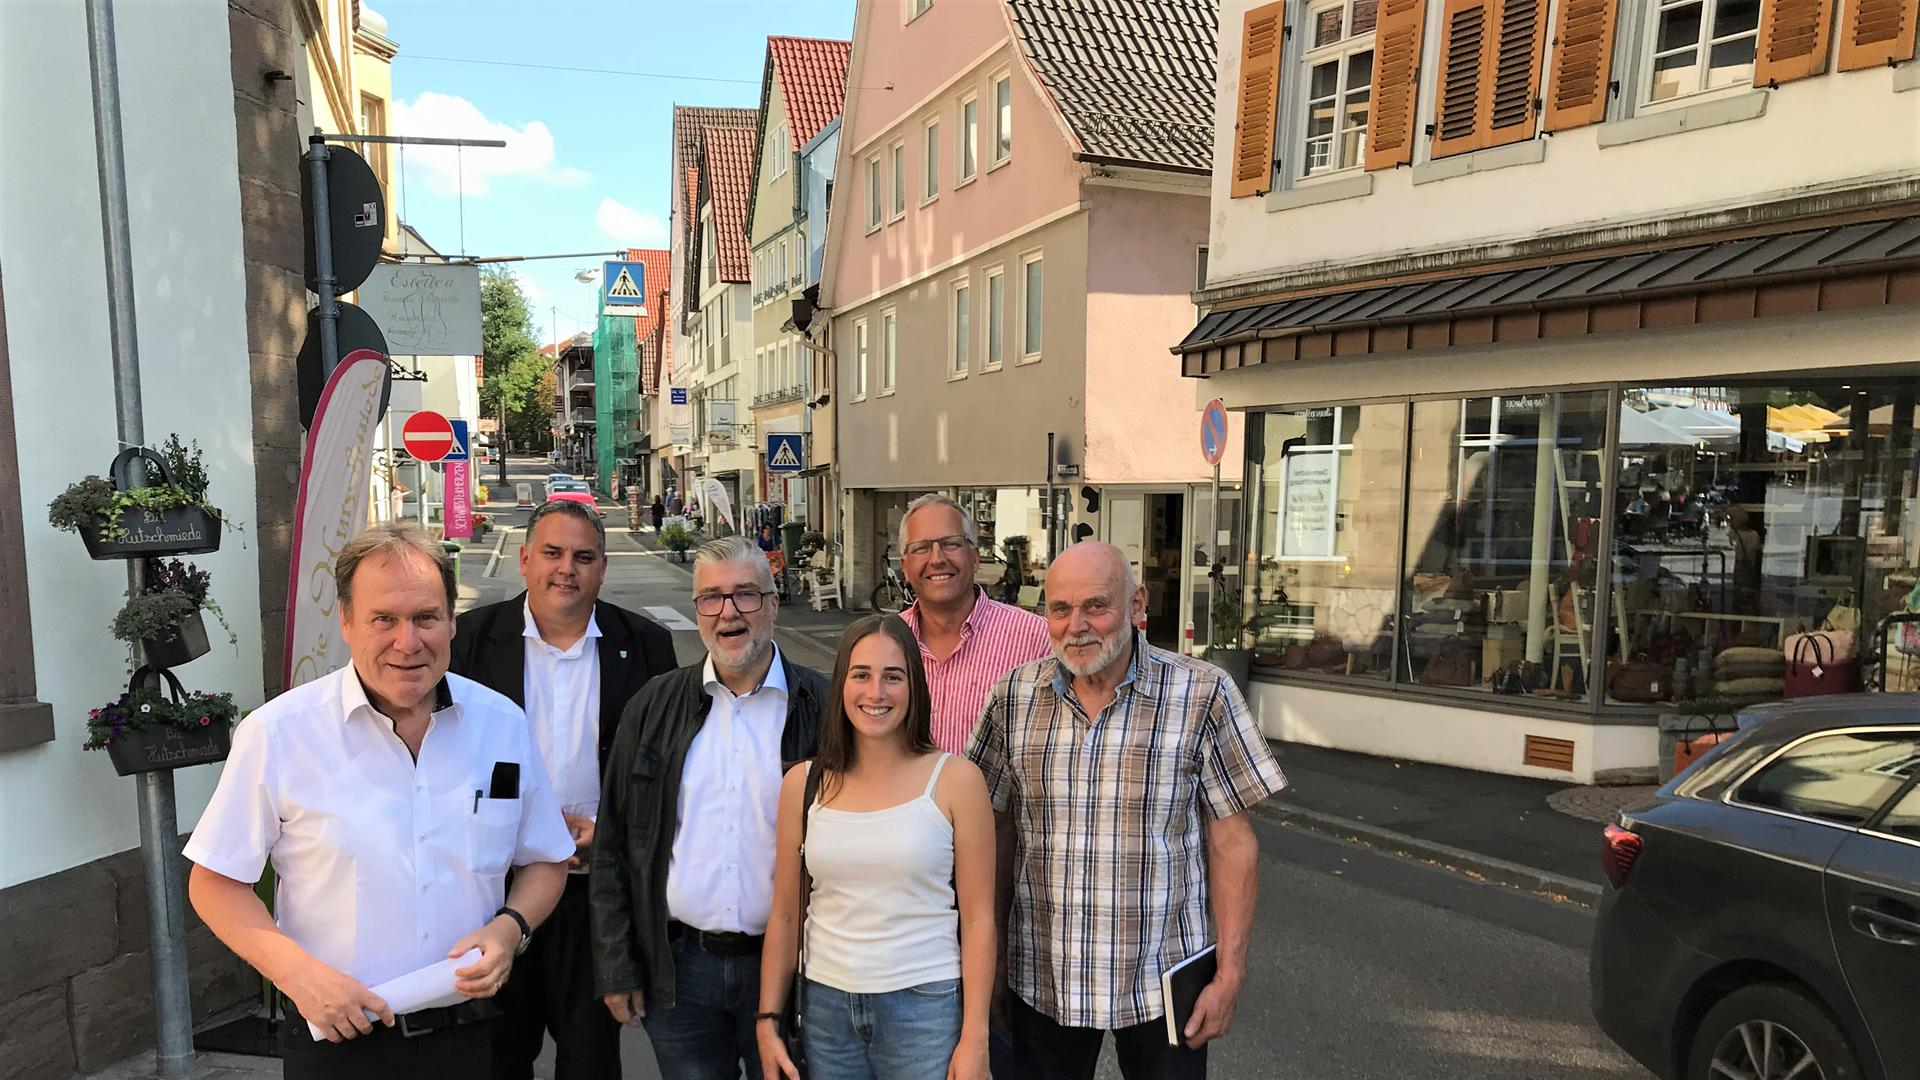 Die CDU-Stadträte aus Bretten (von links:) Vorsitzender Martin Knecht, Bernd Neuschl, Uwe Schick, Isabel Pfeil, Joachim Leitz und Kurt Dickemann an der Weißhofer Straße in Bretten.